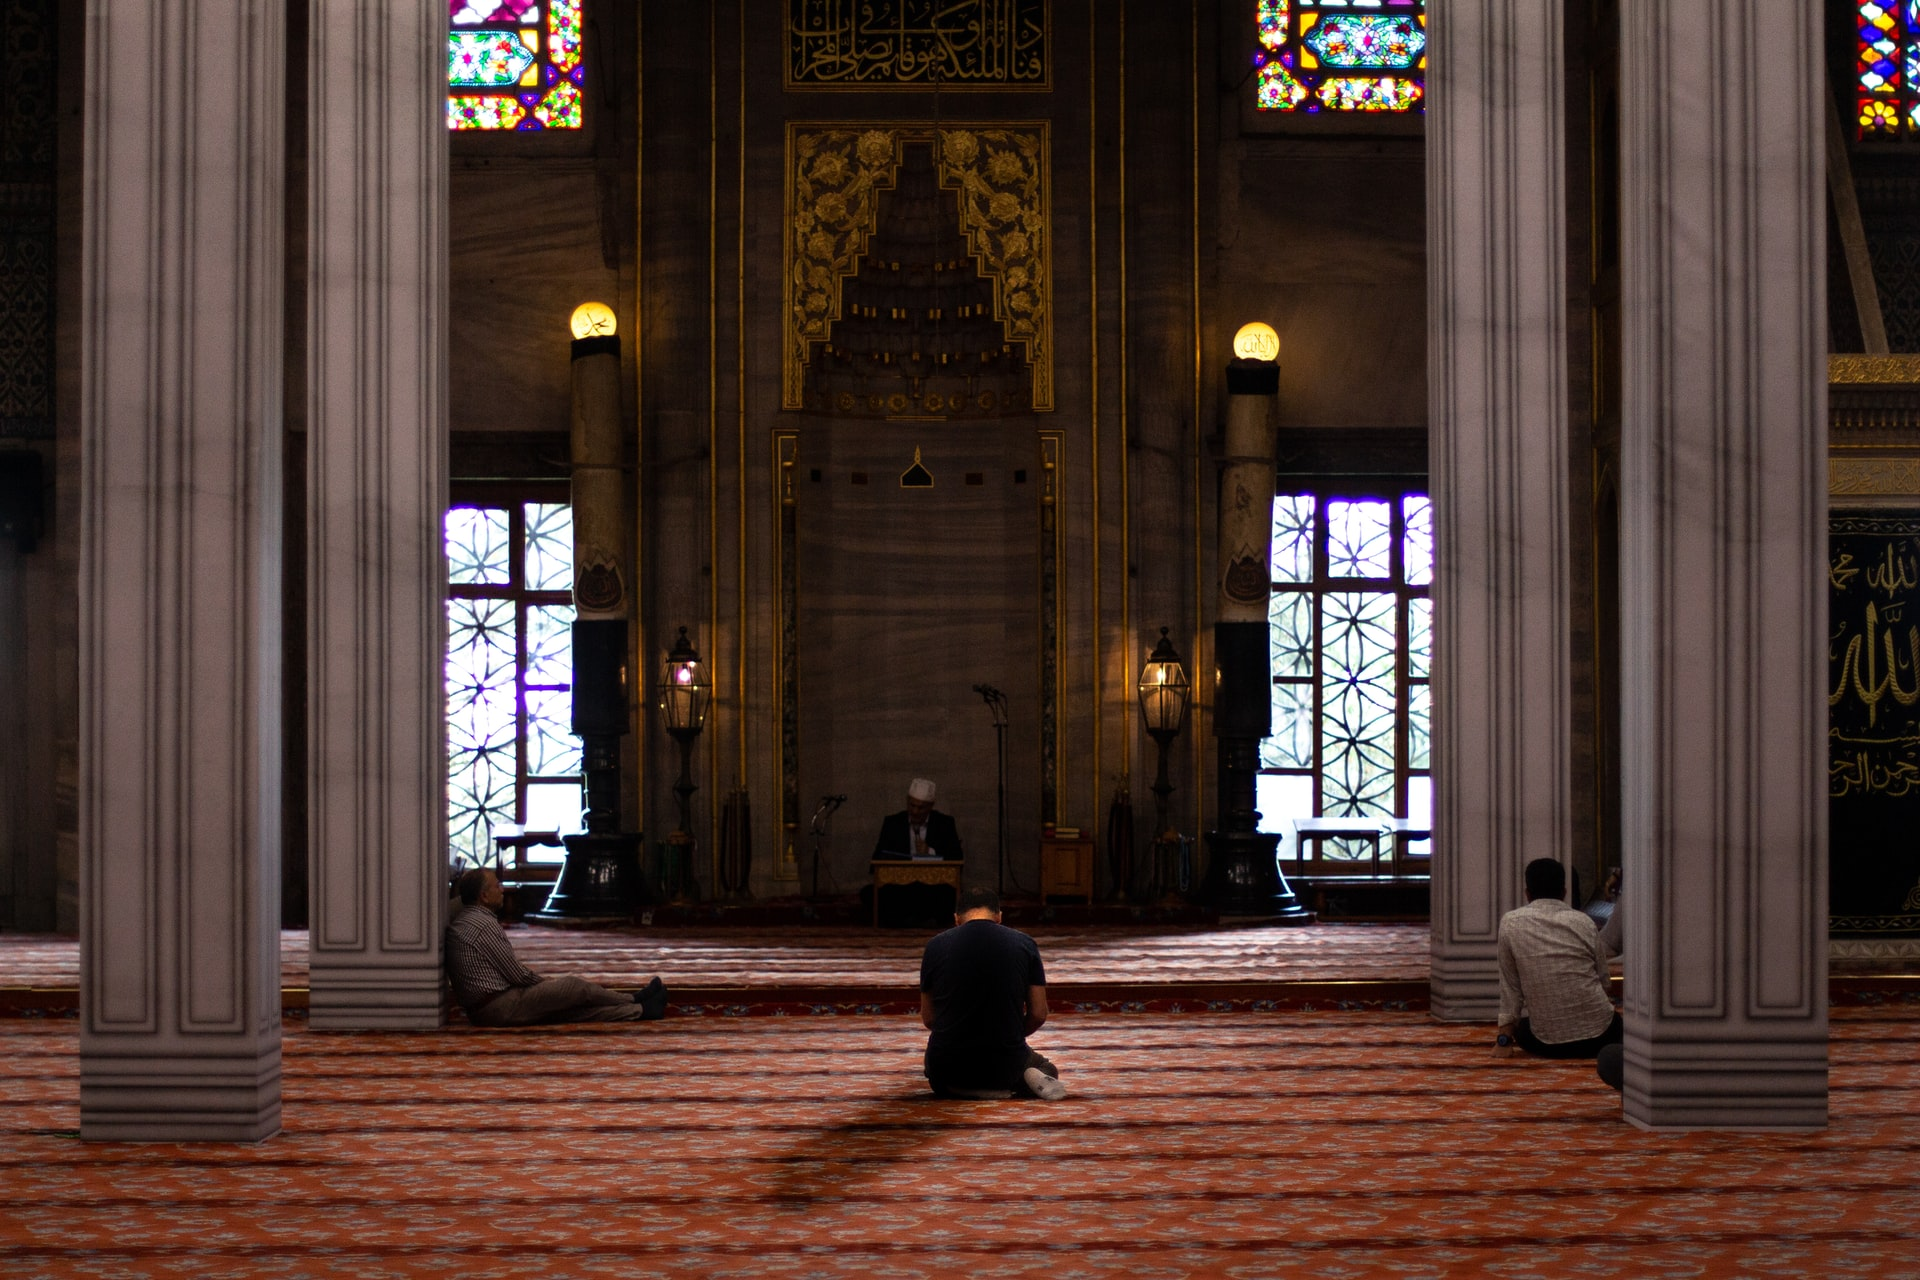 deuil islam